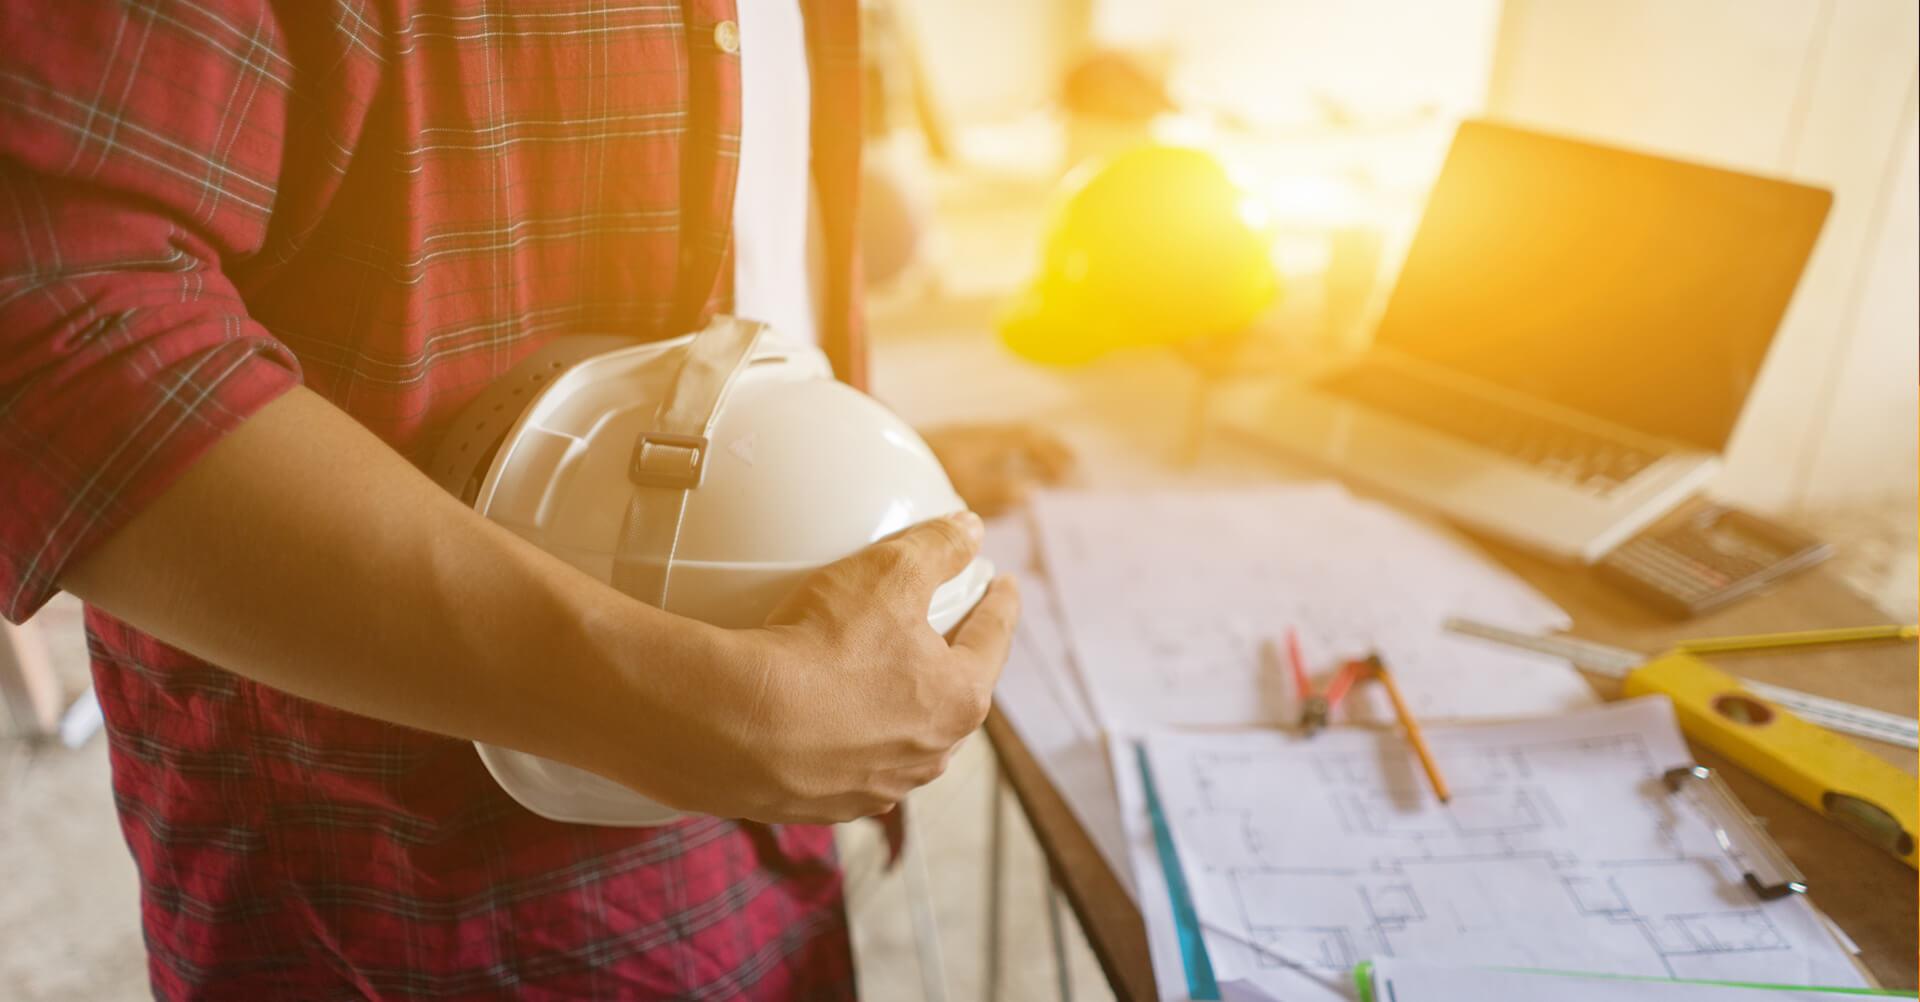 Ako ochrániť hlavu pred pracovným úrazom?